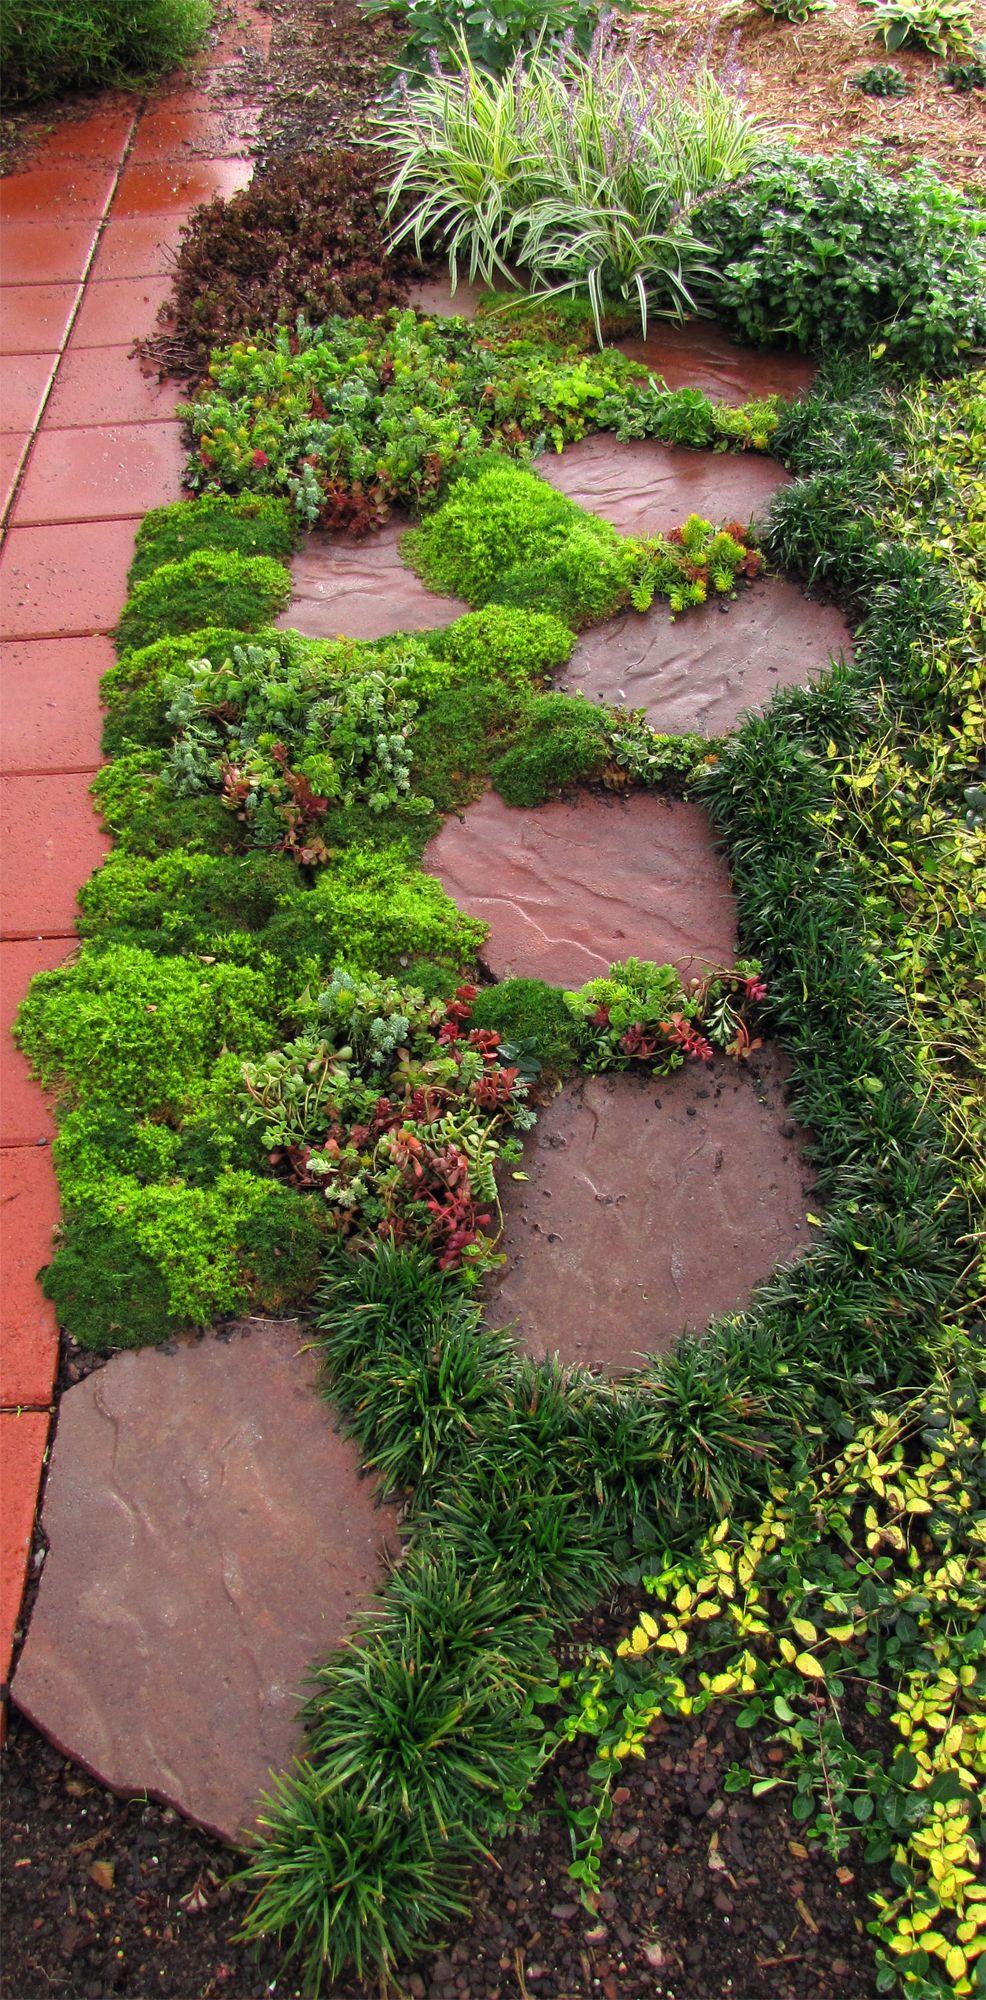 sedums decorative paving